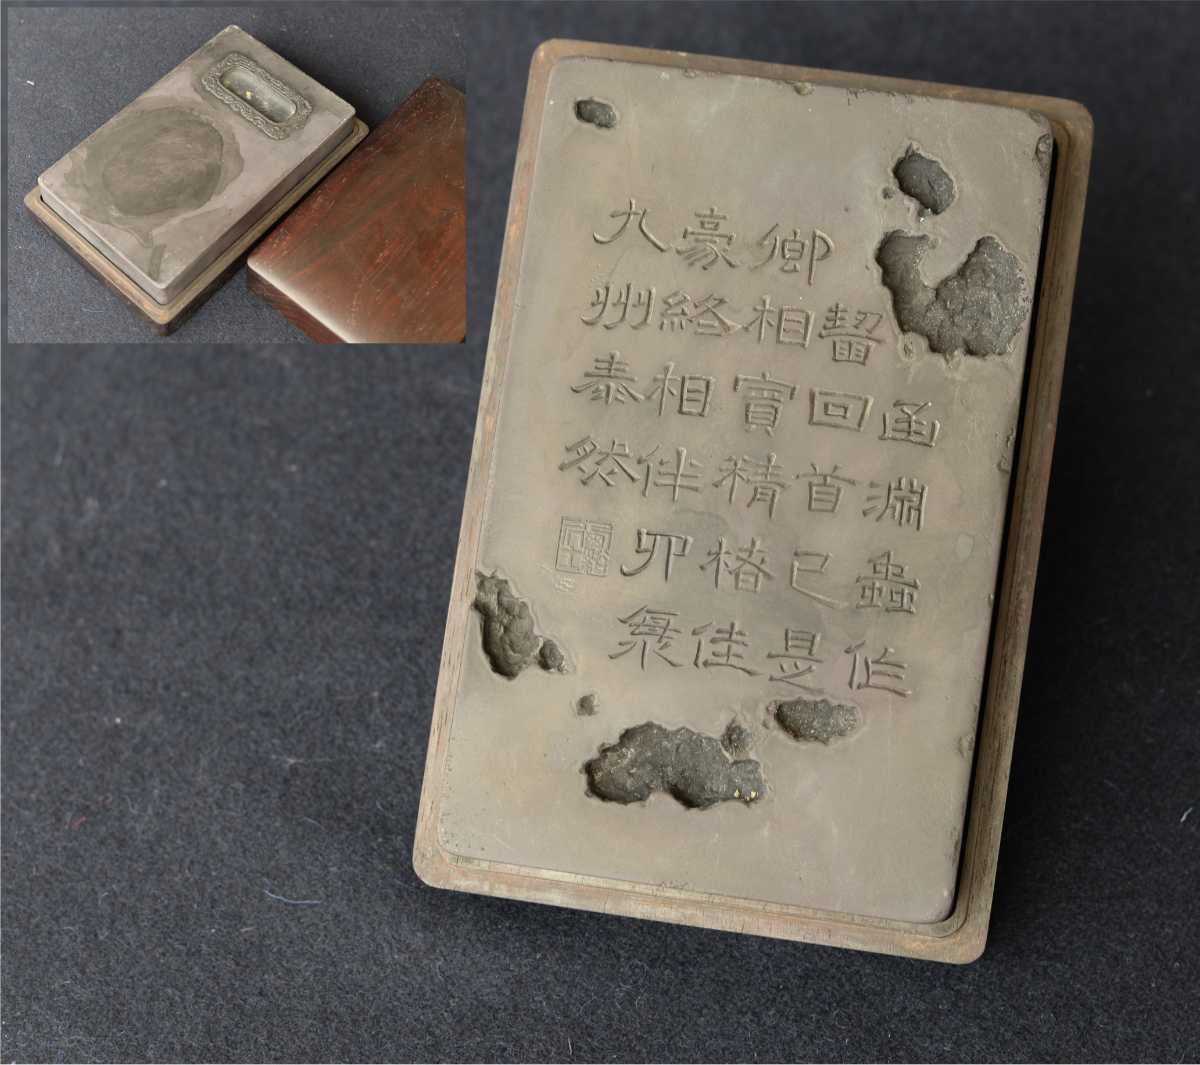 中国 端溪硯 珍品 長方形蟲齧硯 在銘 西溪居士 書家愛用品希少 本檀木箱付